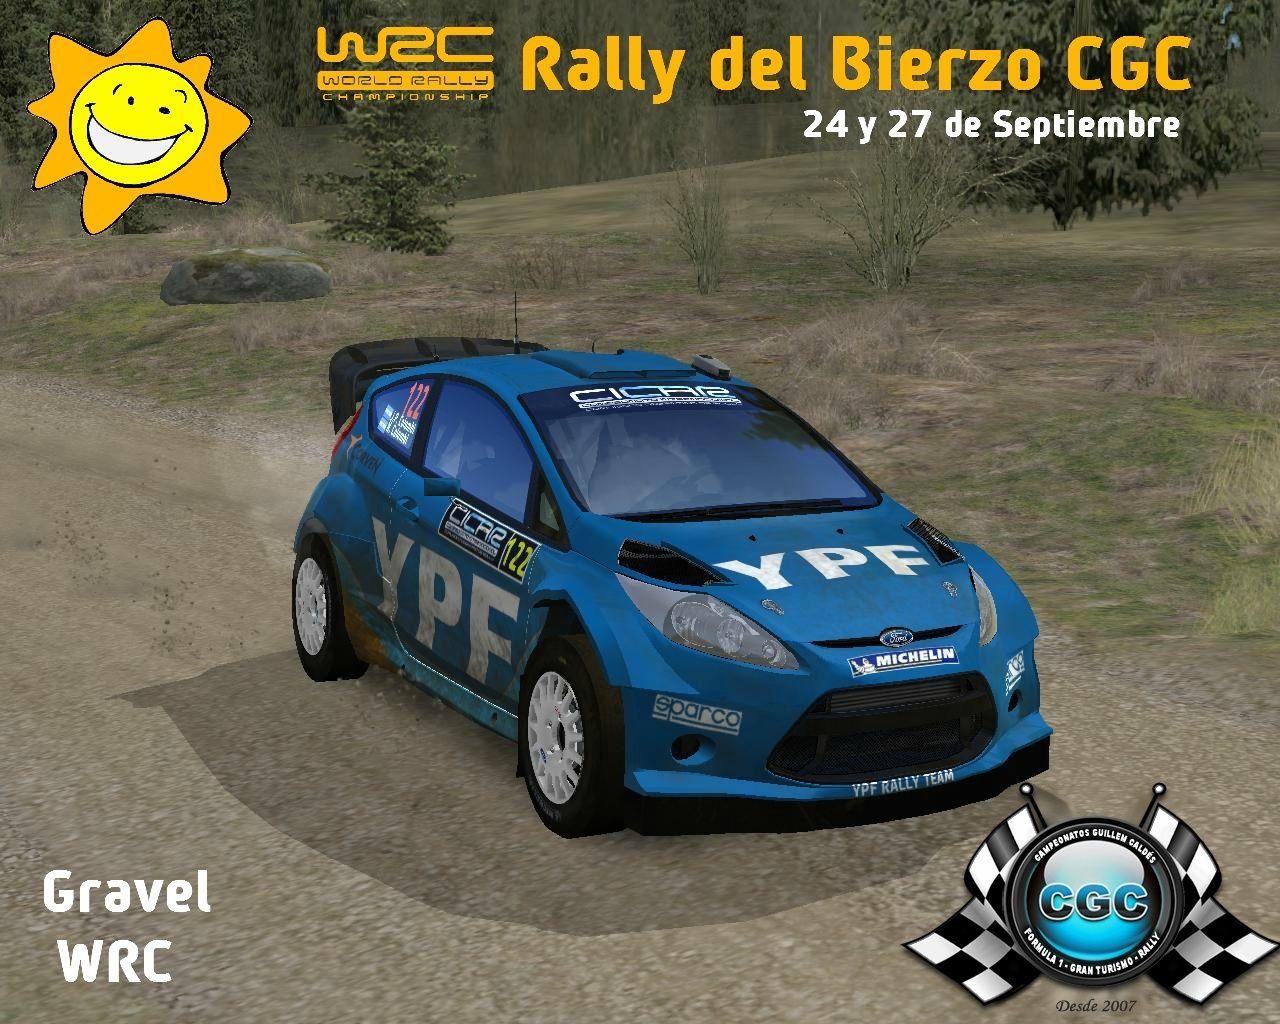 ▄▀▄ Rally  del Bierzo ▄▀▄ - Gravel mod  WRC -  24 y 27 de septiembre 2014 Rally_33